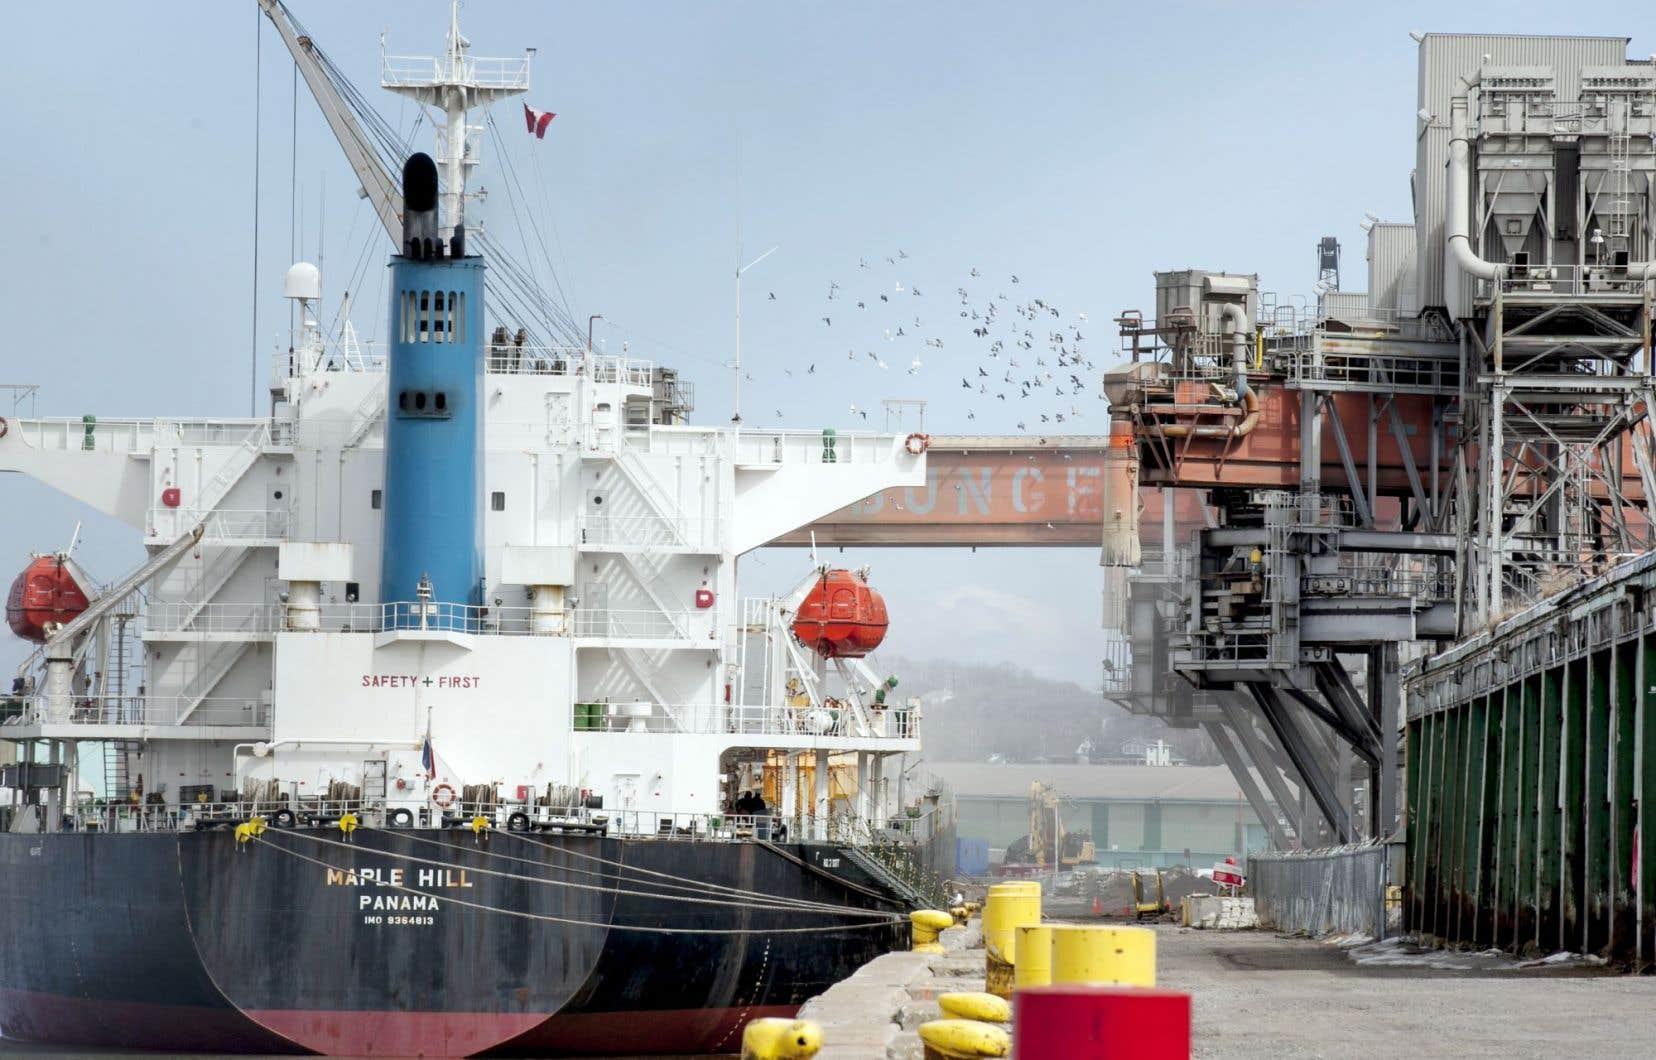 L'entreprise Arrimage Québec a reconnu que ses opérations de transbordement étaient à l'origine de la poussière rouge retrouvée dans le quartier.